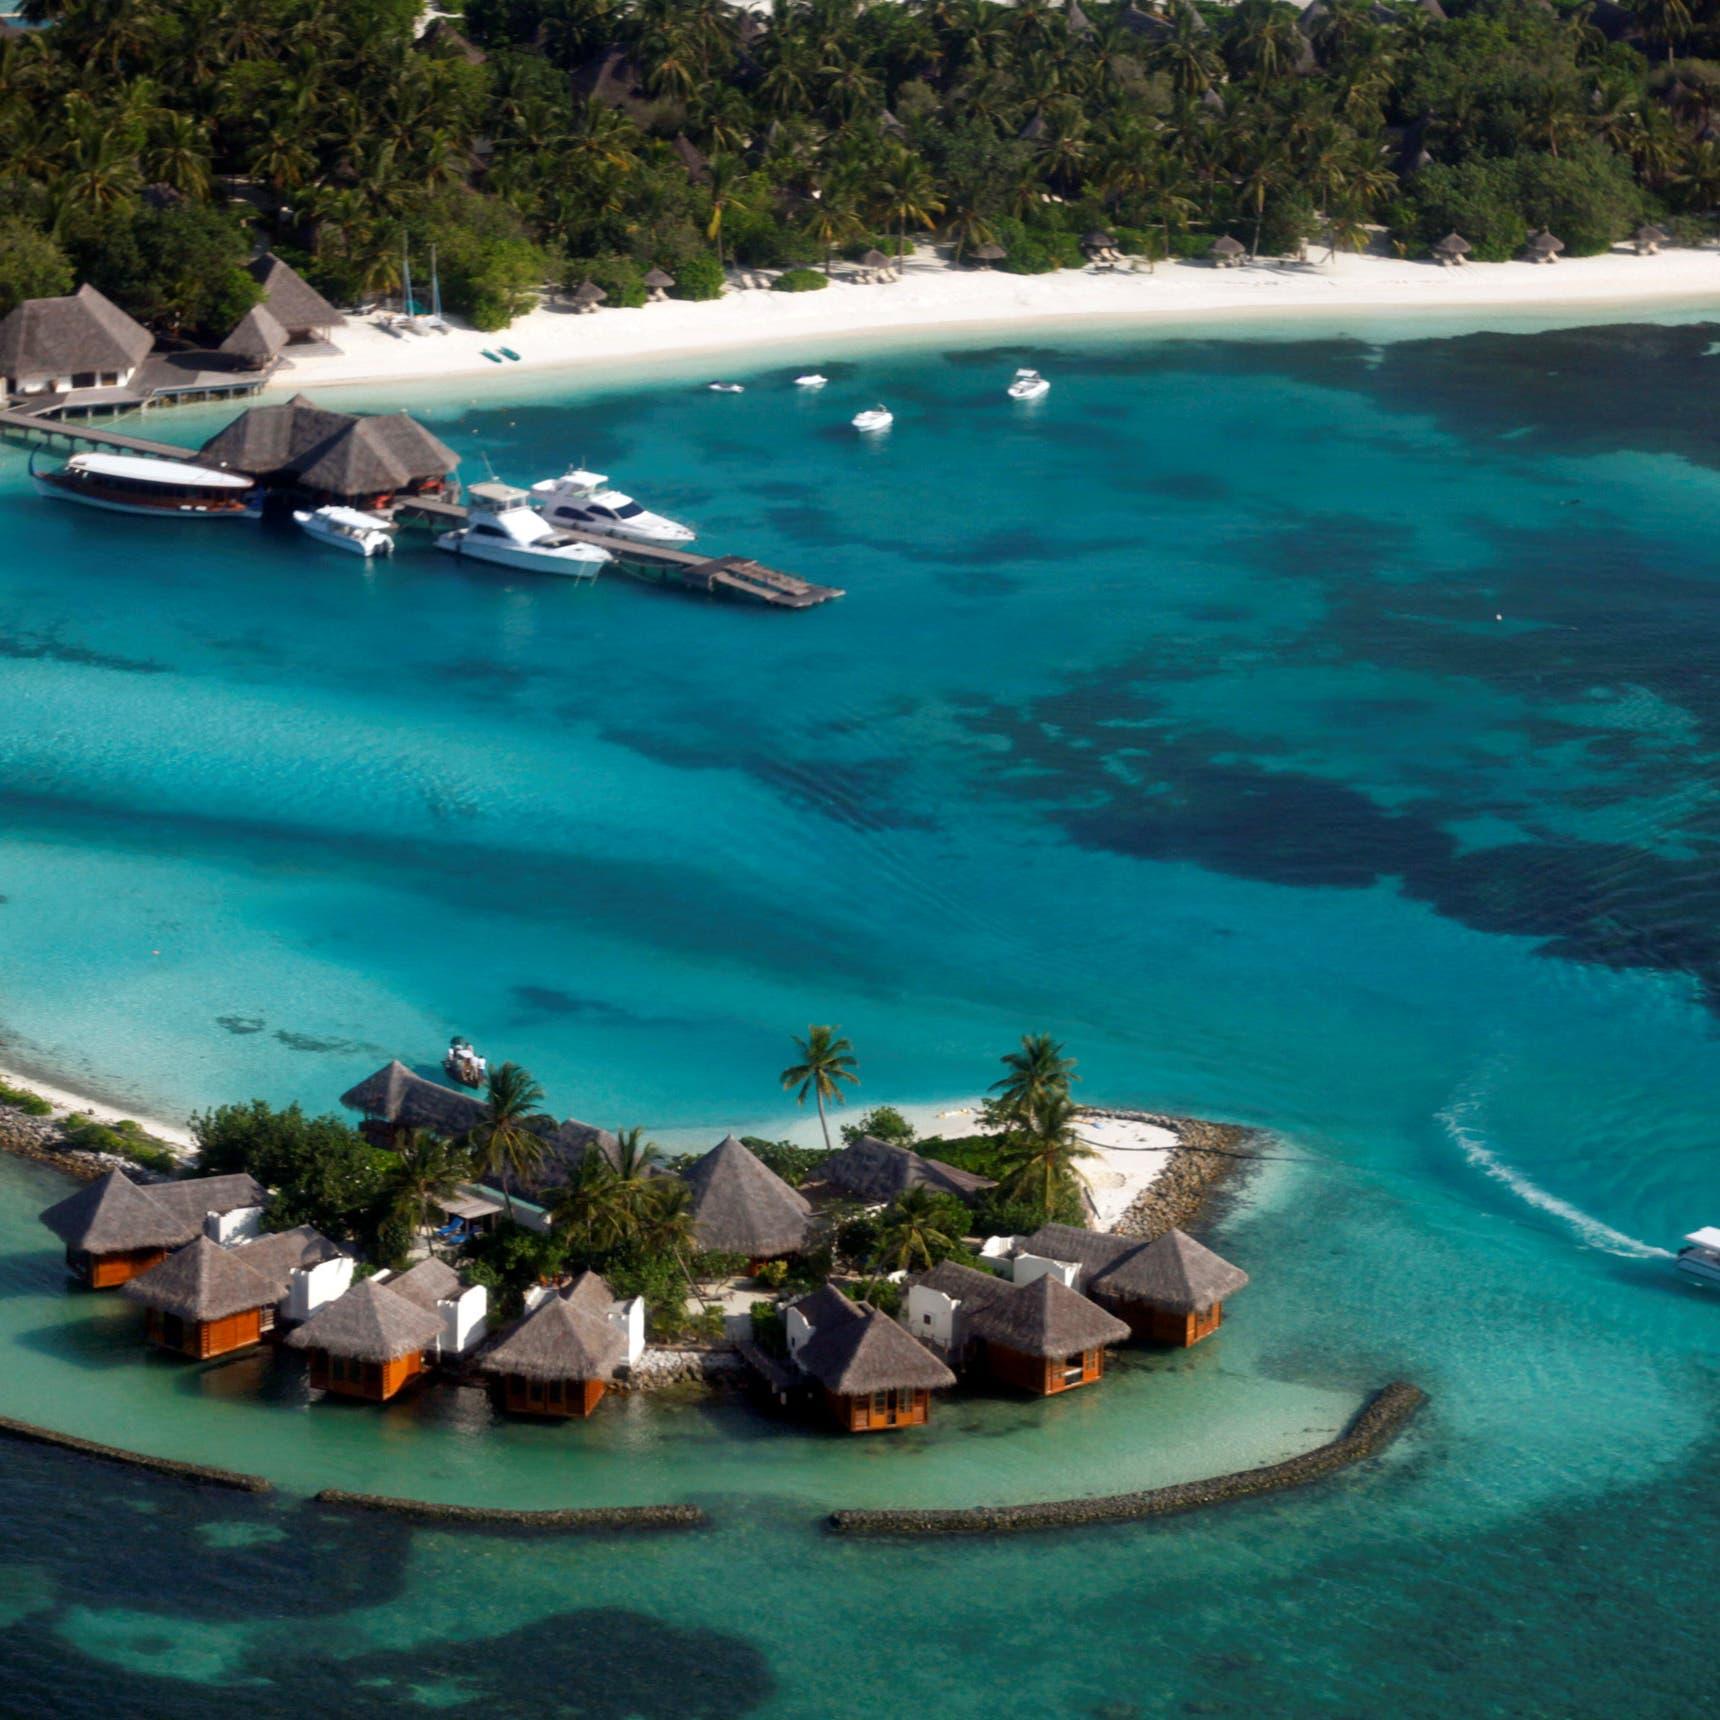 جزر المالديف تلح على السائحين وتعرض لقاحات مجانية ضد كورونا